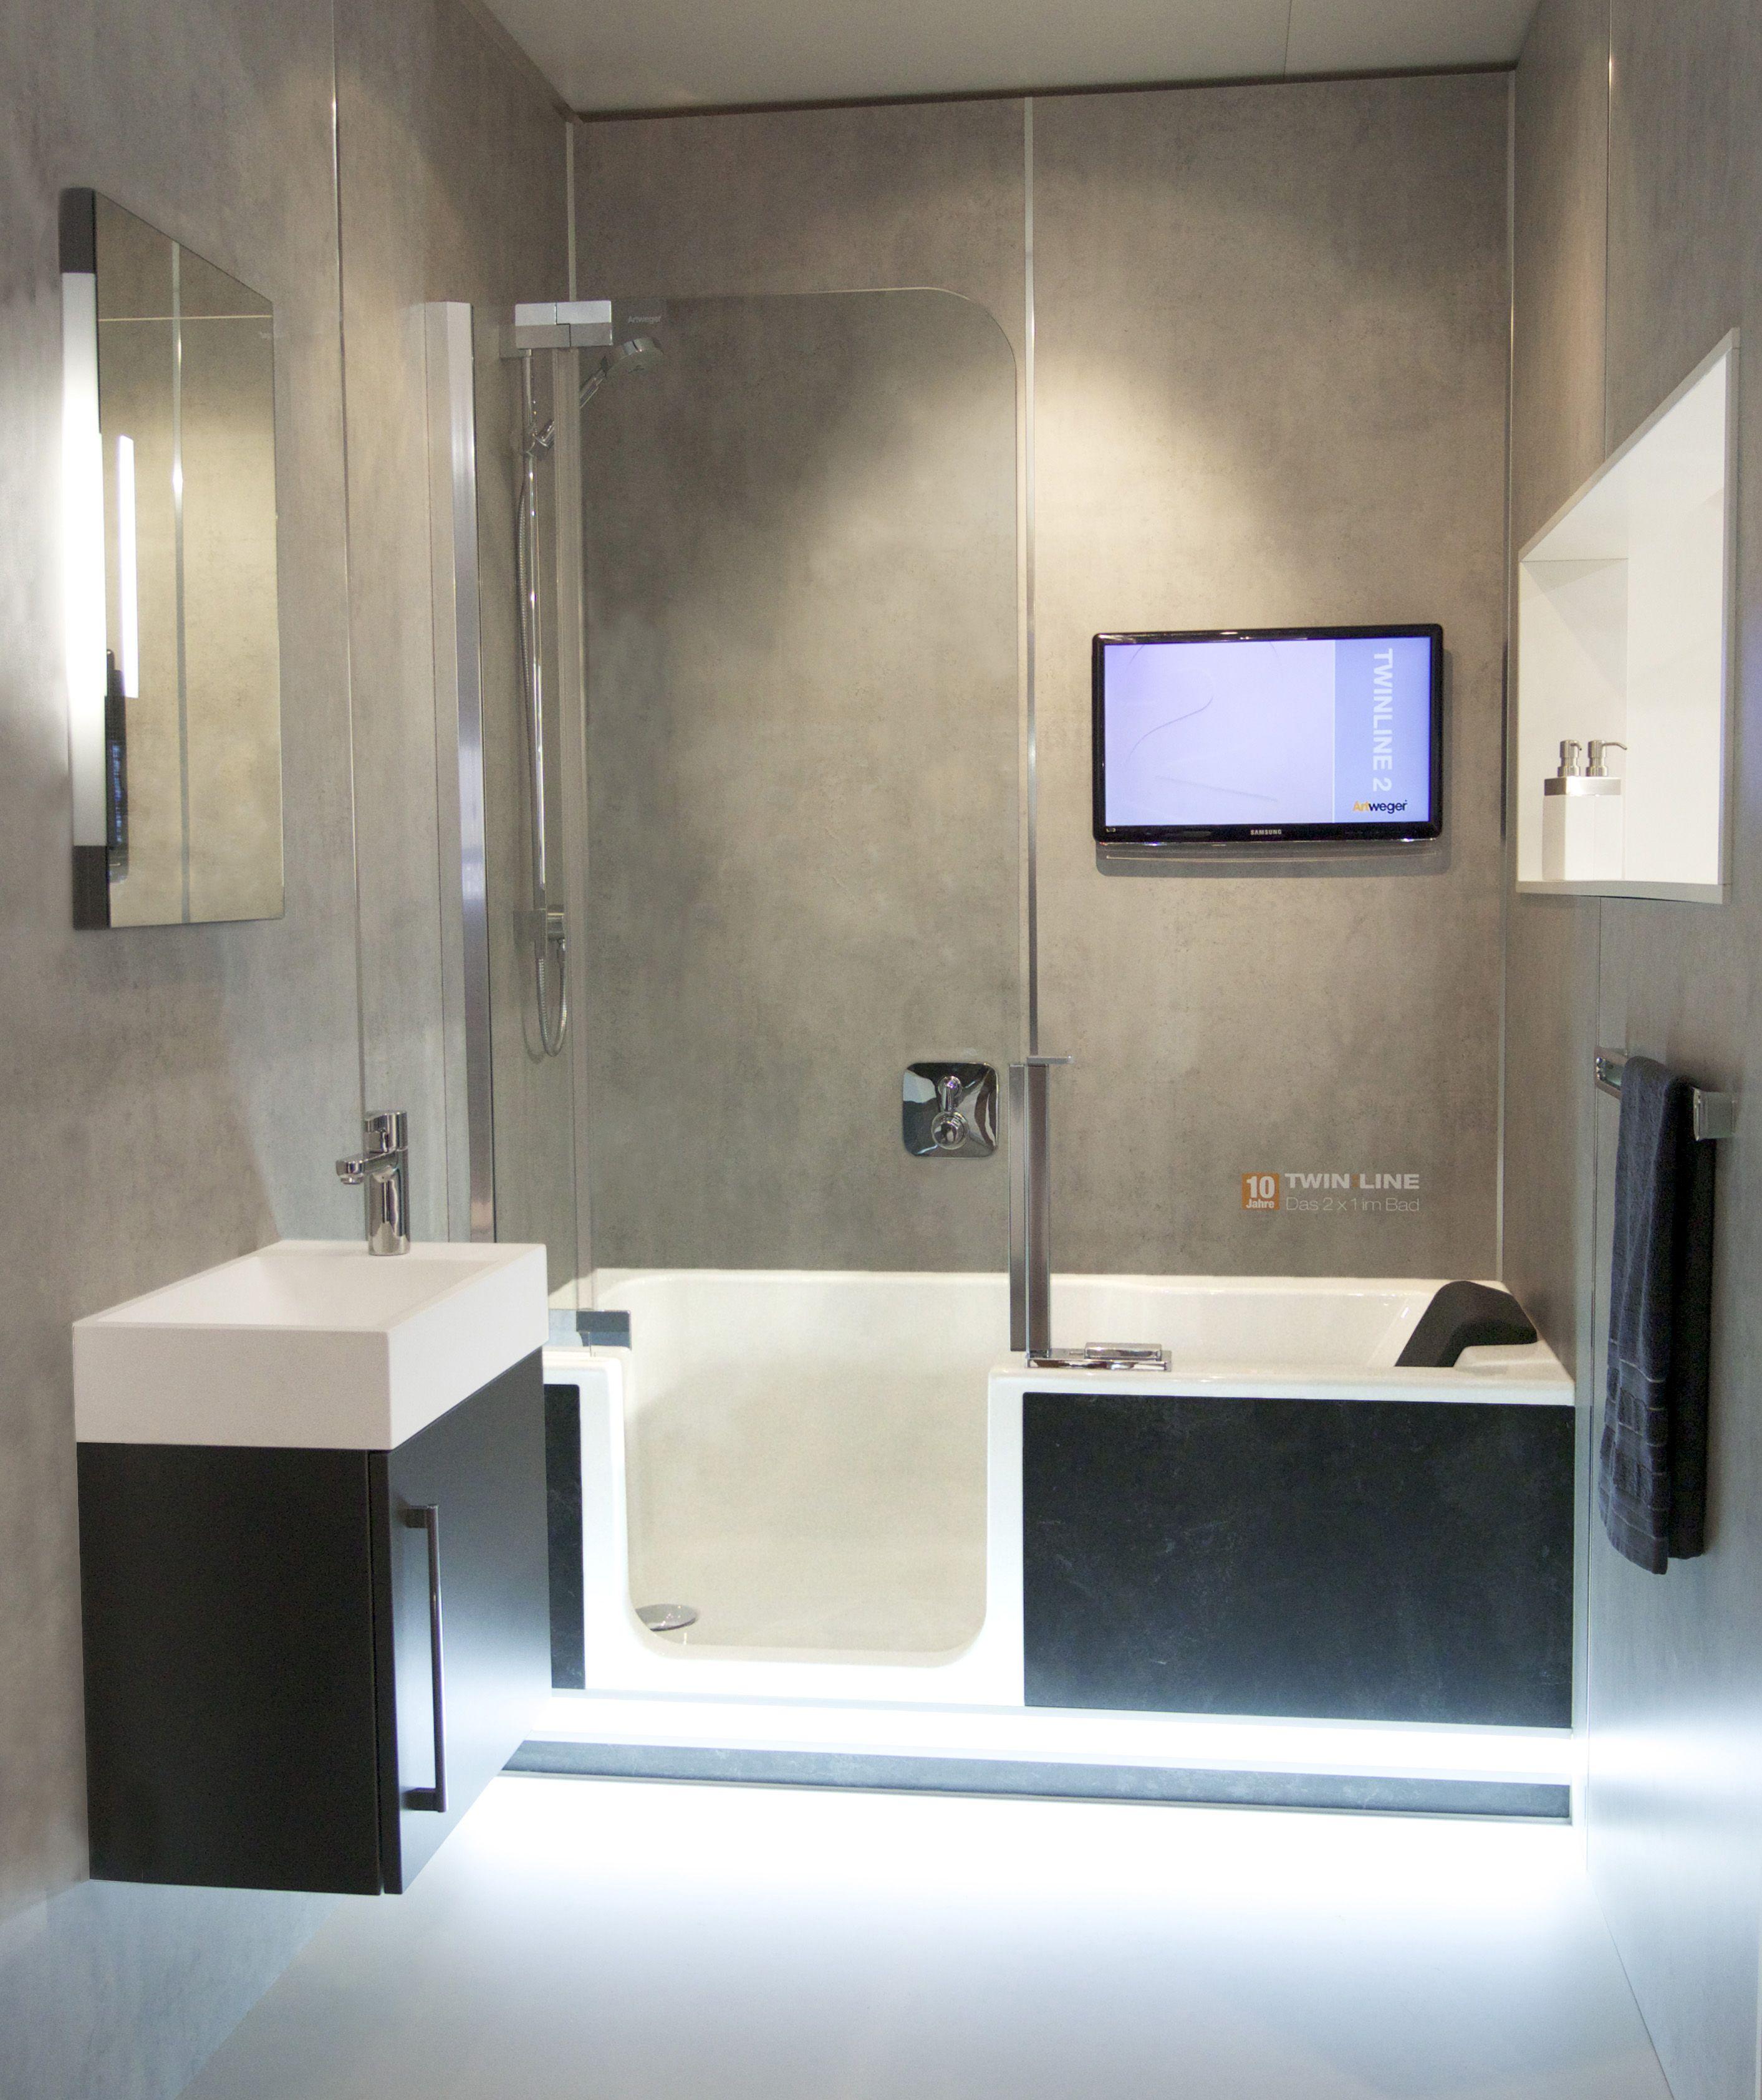 Komplettes Bad auf ganz wenig Raum - mit Badewanne und ...